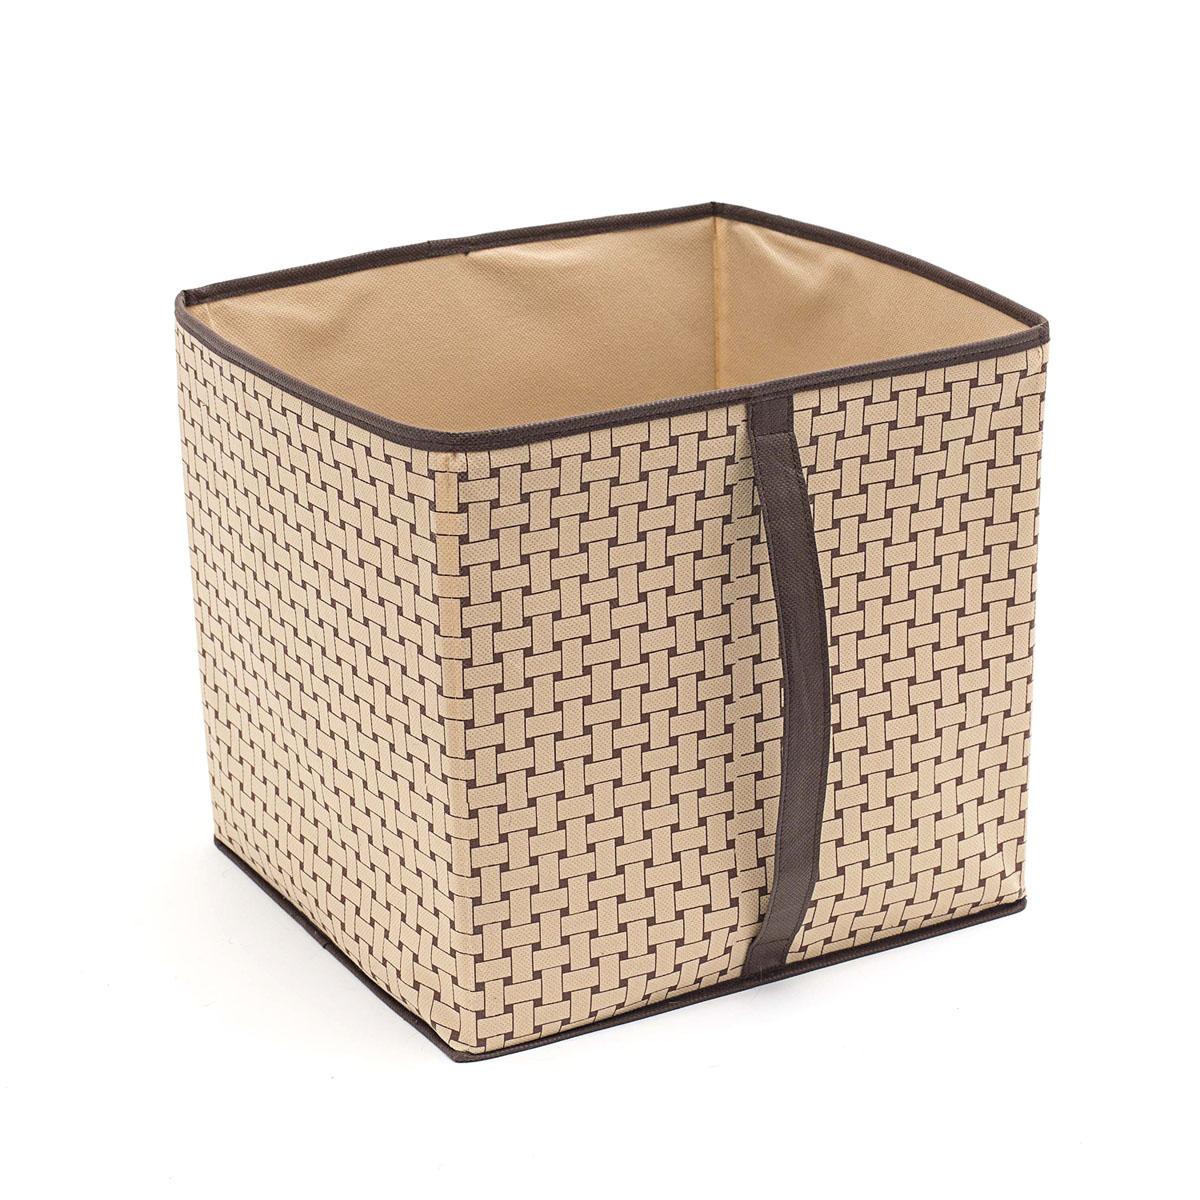 Кофр для хранения Homsu Pletenka, 30 х 33 х 32 смHOM-301Кофр для хранения Homsu Pletenka изготовлен из высококачественного нетканого полотна. Кофр имеет одно большое отделение, где вы можете хранить различные бытовые вещи, нижнее белье, одежду и многое другое. Вставки из картона обеспечивают прочность конструкции. Стильный принт, модный цвет и качество исполнения сделают такой кофр незаменимым для хранения ваших вещей.